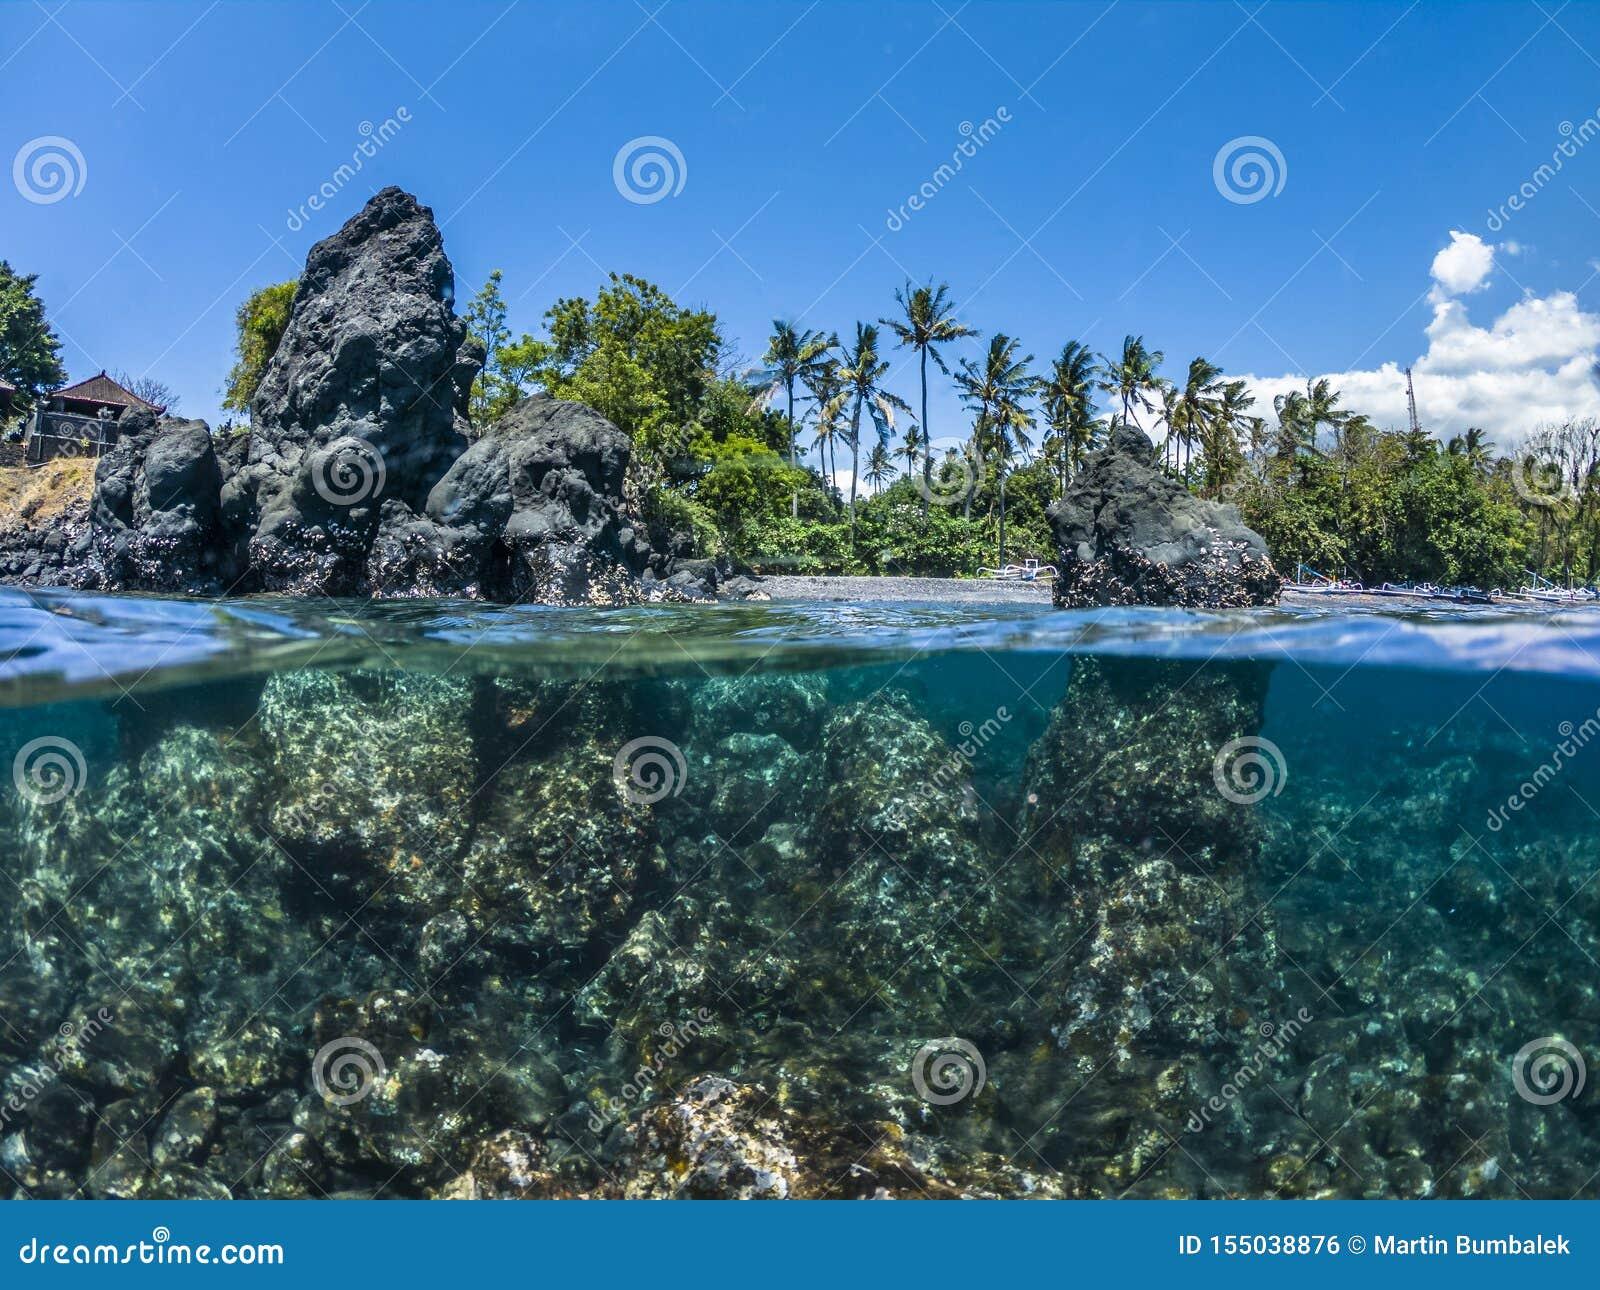 Przyrodnie podwodne skały w morzu